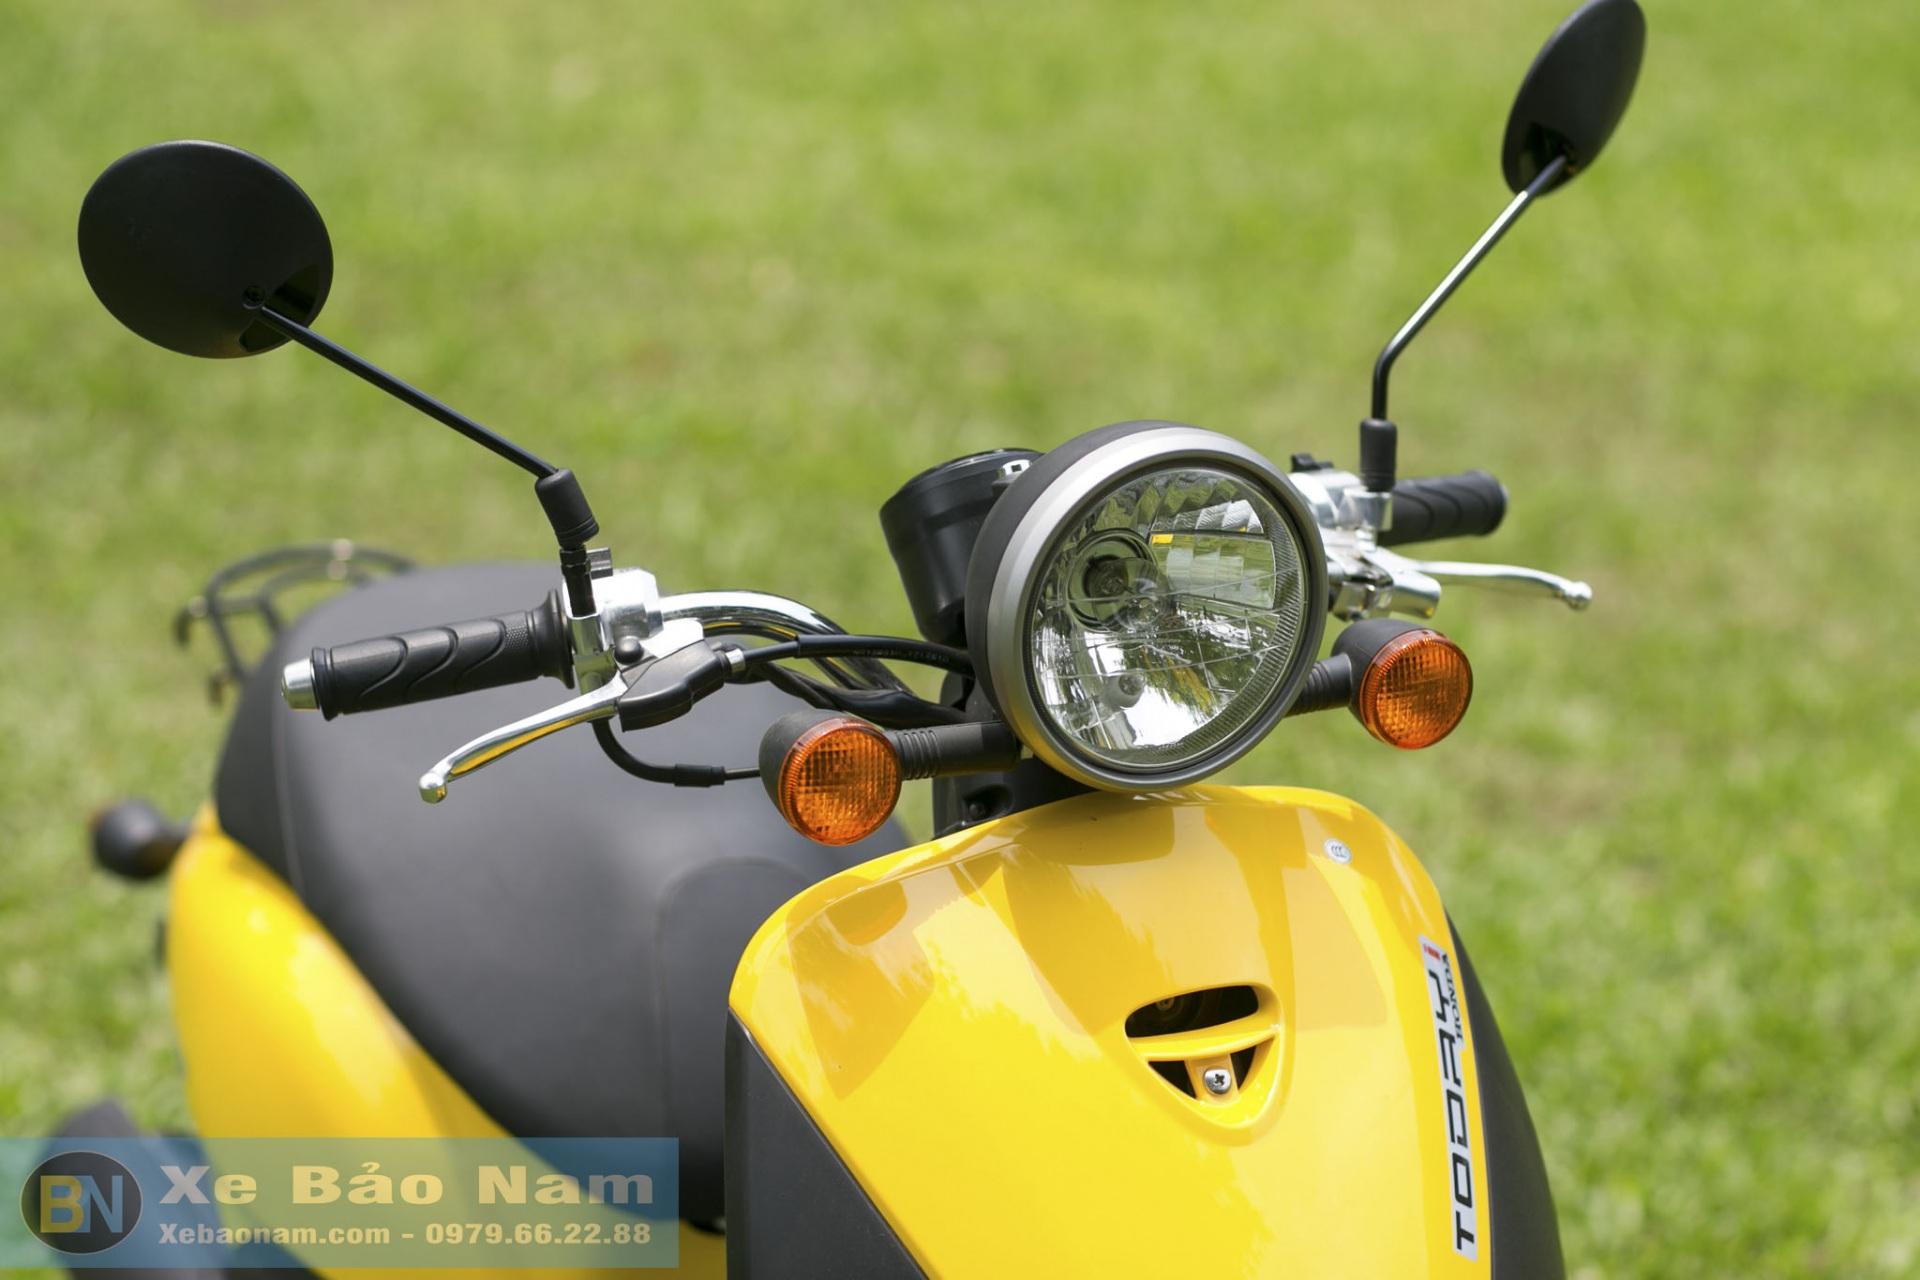 xe-ga-50cc-honda-today-7